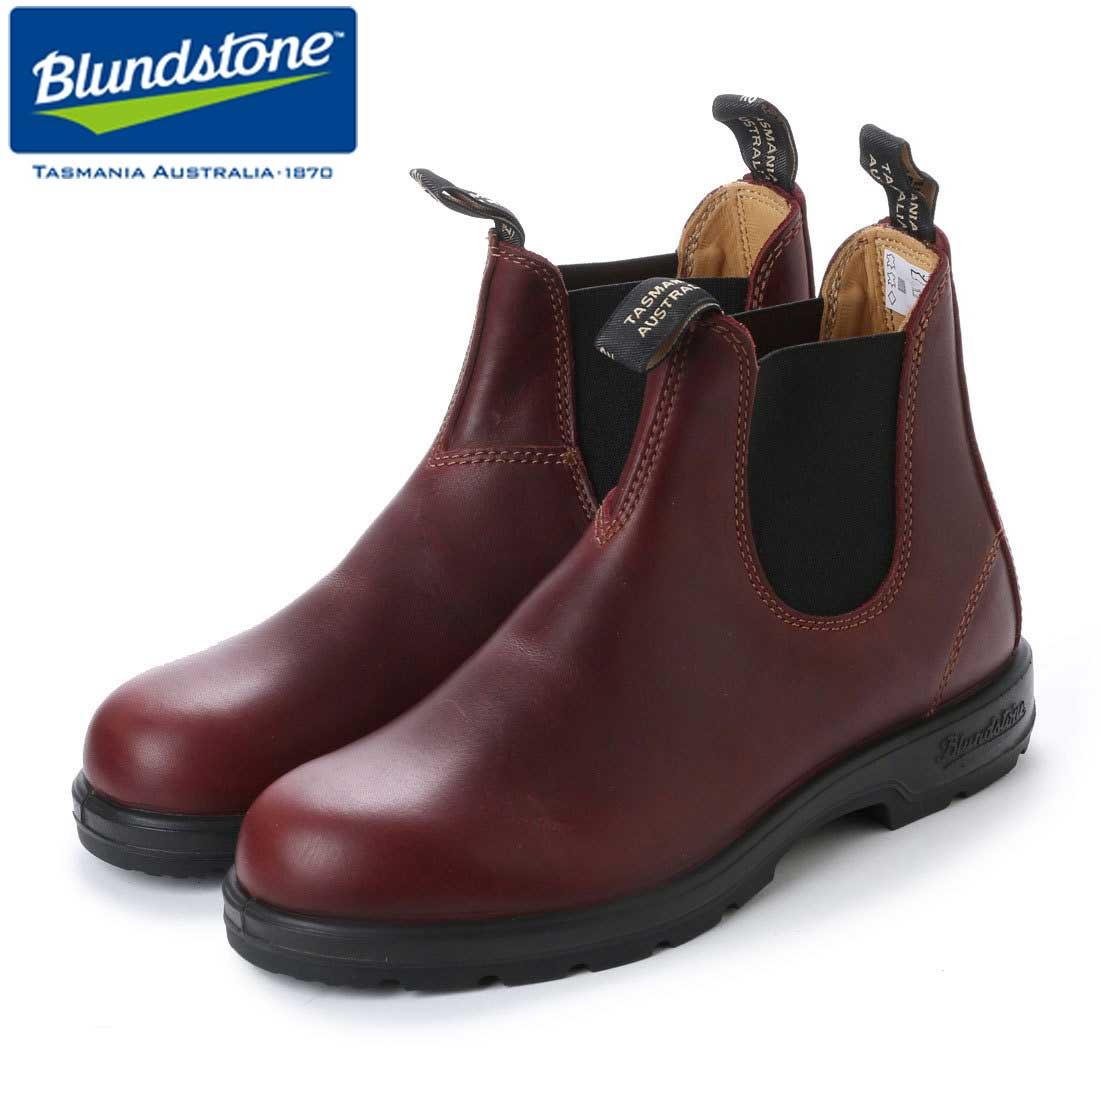 ブランドストーン Blundstone BS1440 110 (ユニセックス) レッドウッド 「靴」